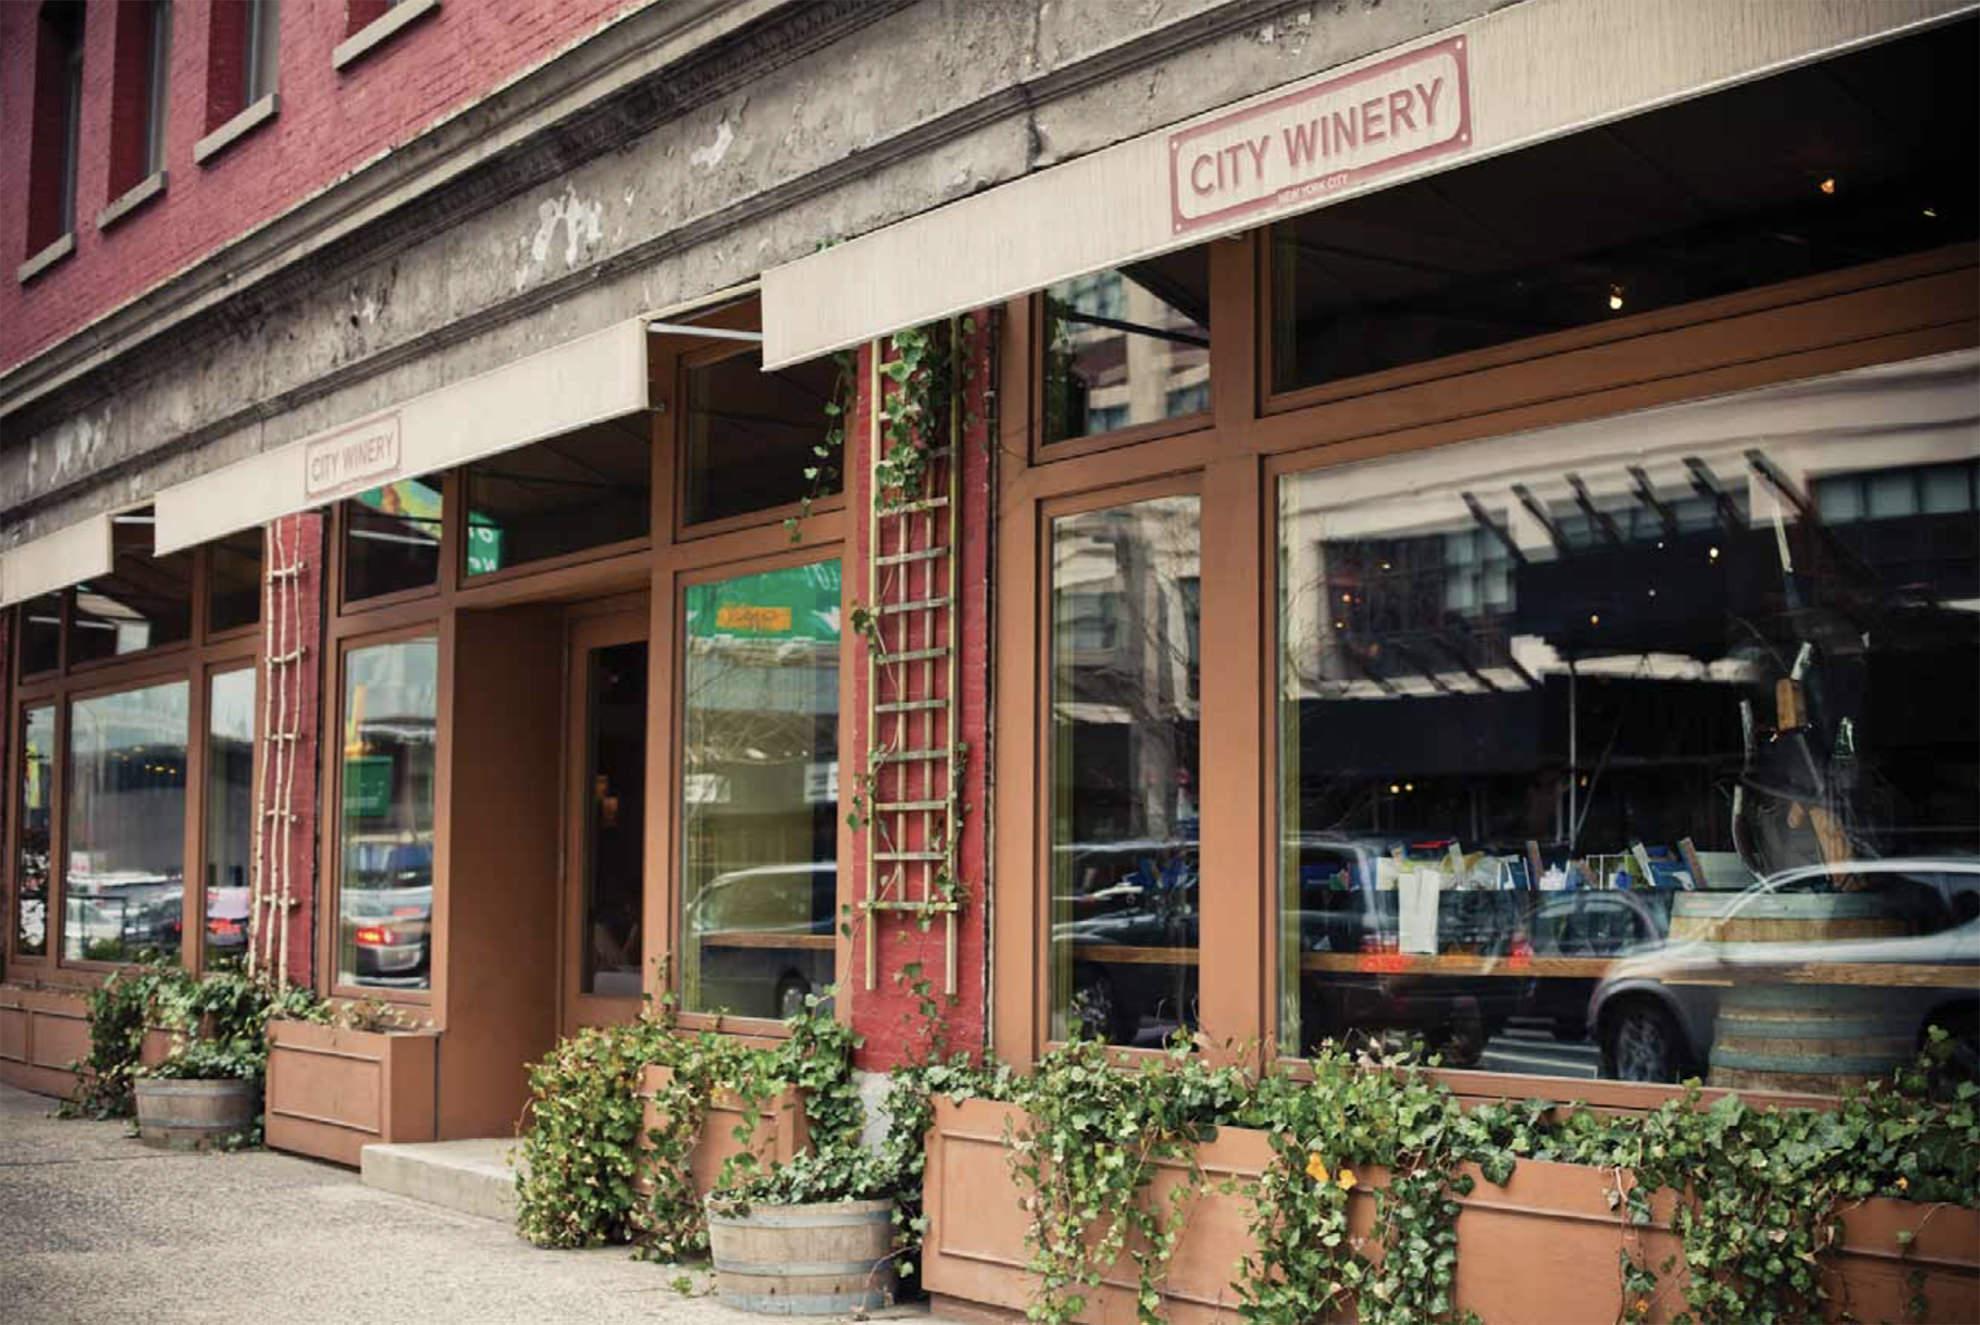 Vacay-NYC-City-Winery.jpg